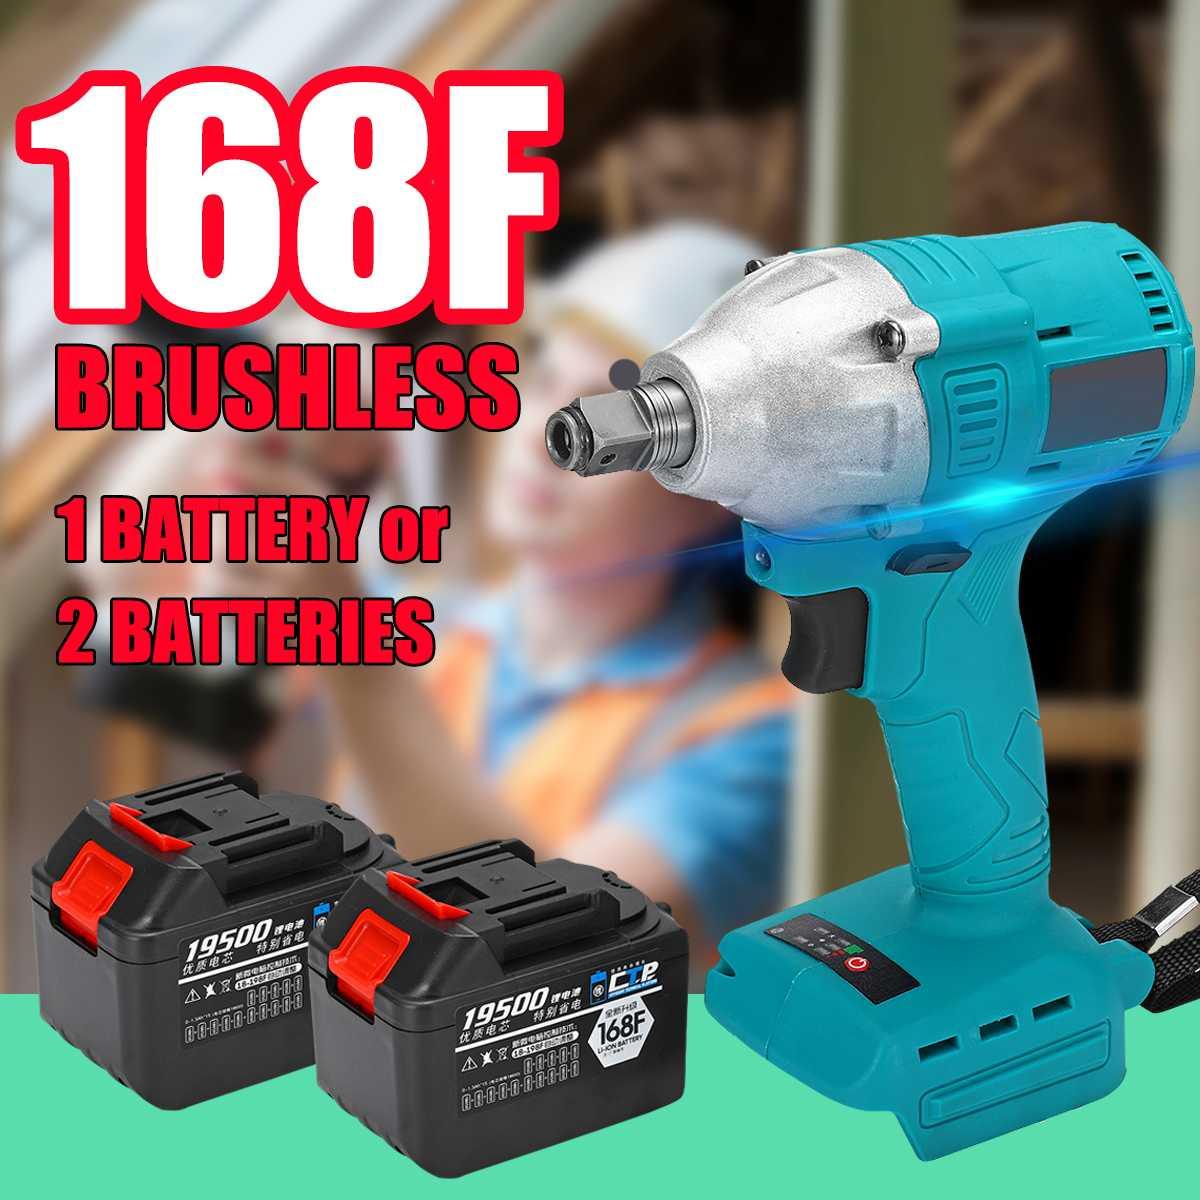 168F Brushless Cordless Impact Wrench 1/2 ''Presa Con Li-Ion 19500 mAh Della Batteria luci A LED Caricatore Del Telefono Trapano Strumento di Installazione